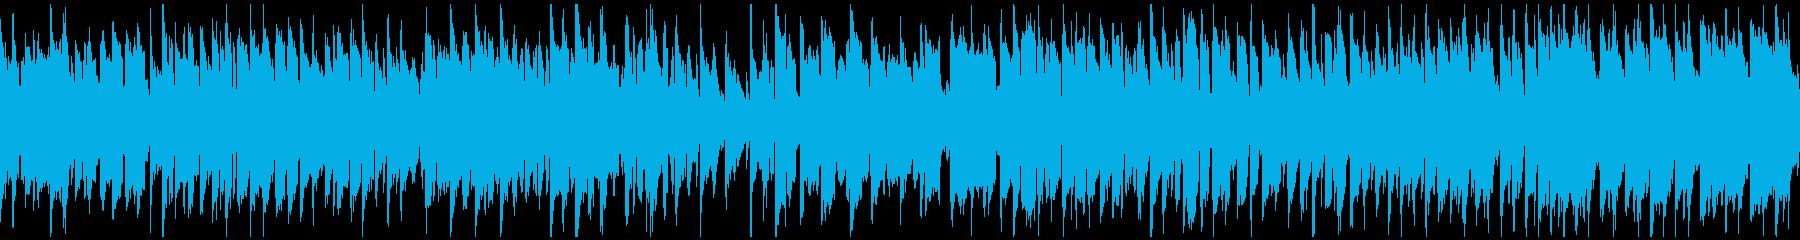 嬉しい気分の日常系リコーダー曲※ループ版の再生済みの波形